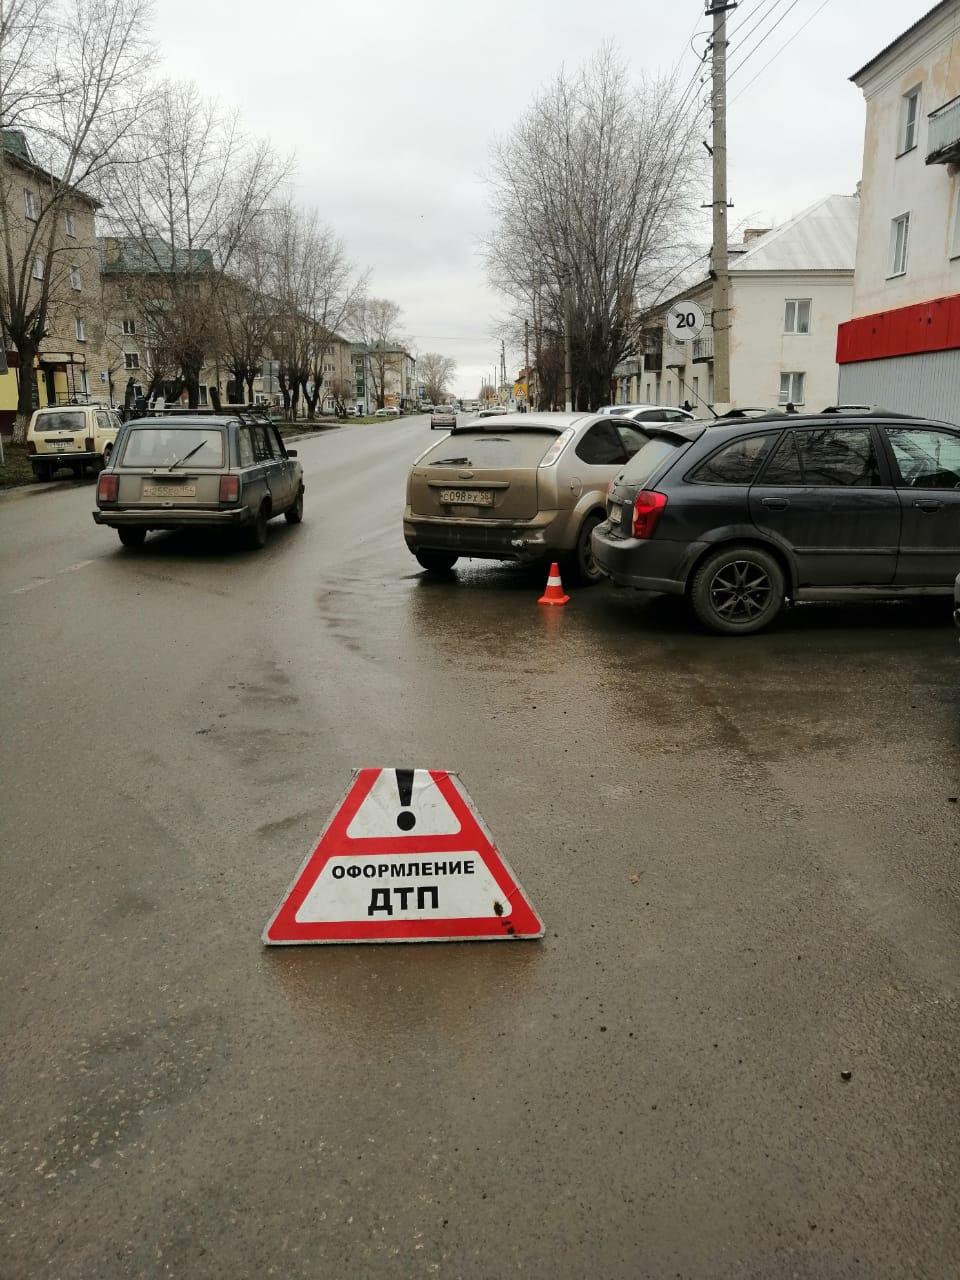 12 ДТП произошло в Куйбышевском районе с 27 октября по 02 ?